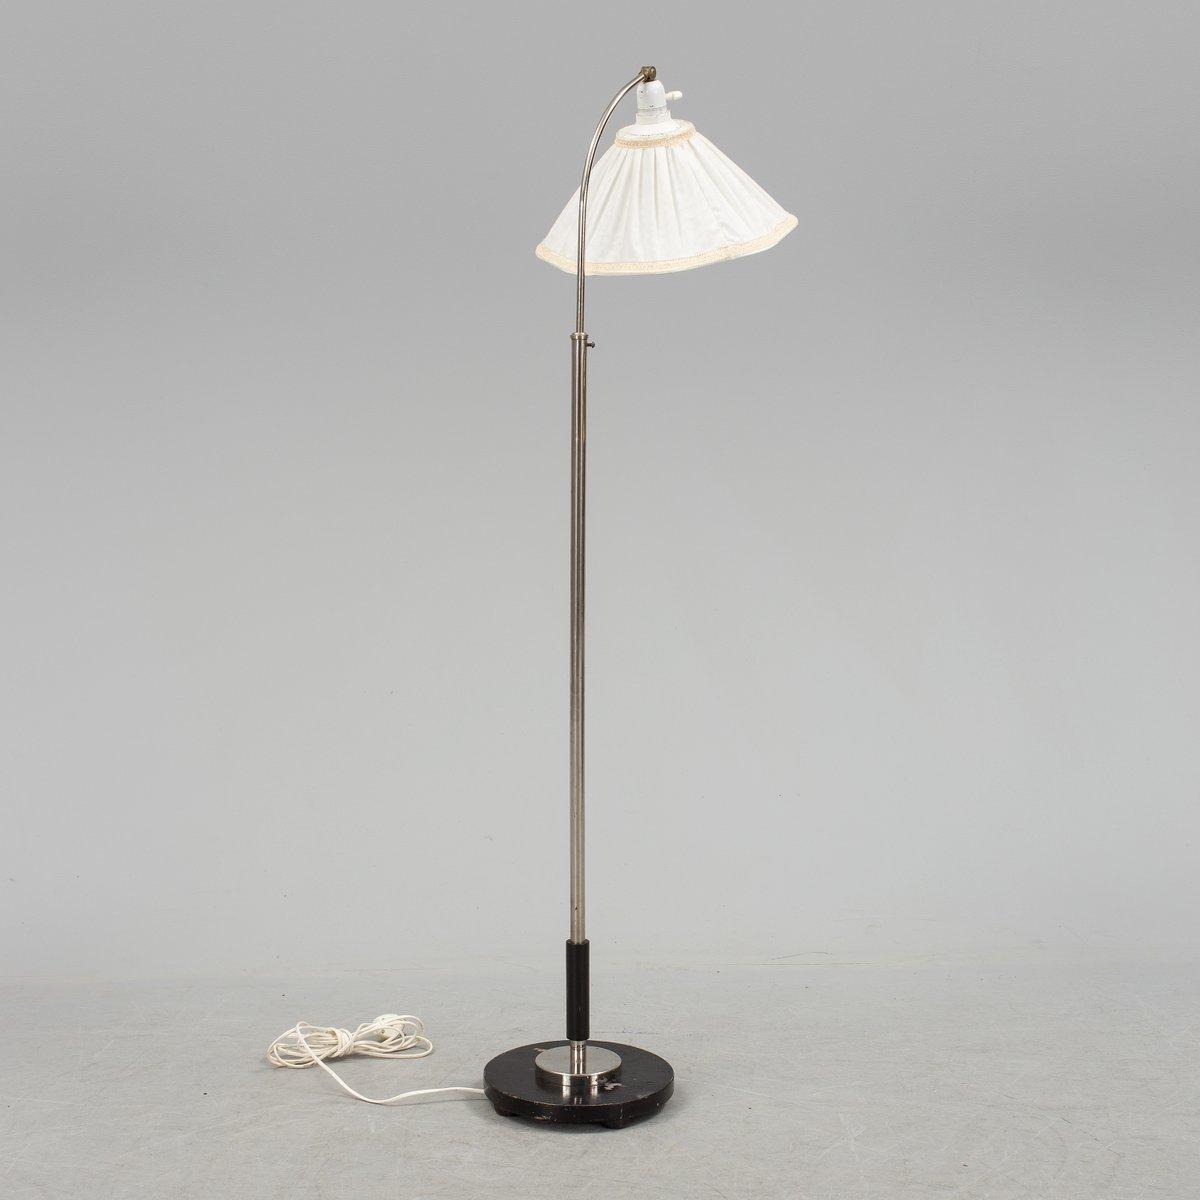 Scandinavian art deco floor lamp from zenith 1930s for sale at pamono scandinavian art deco floor lamp from zenith 1930s audiocablefo Light gallery